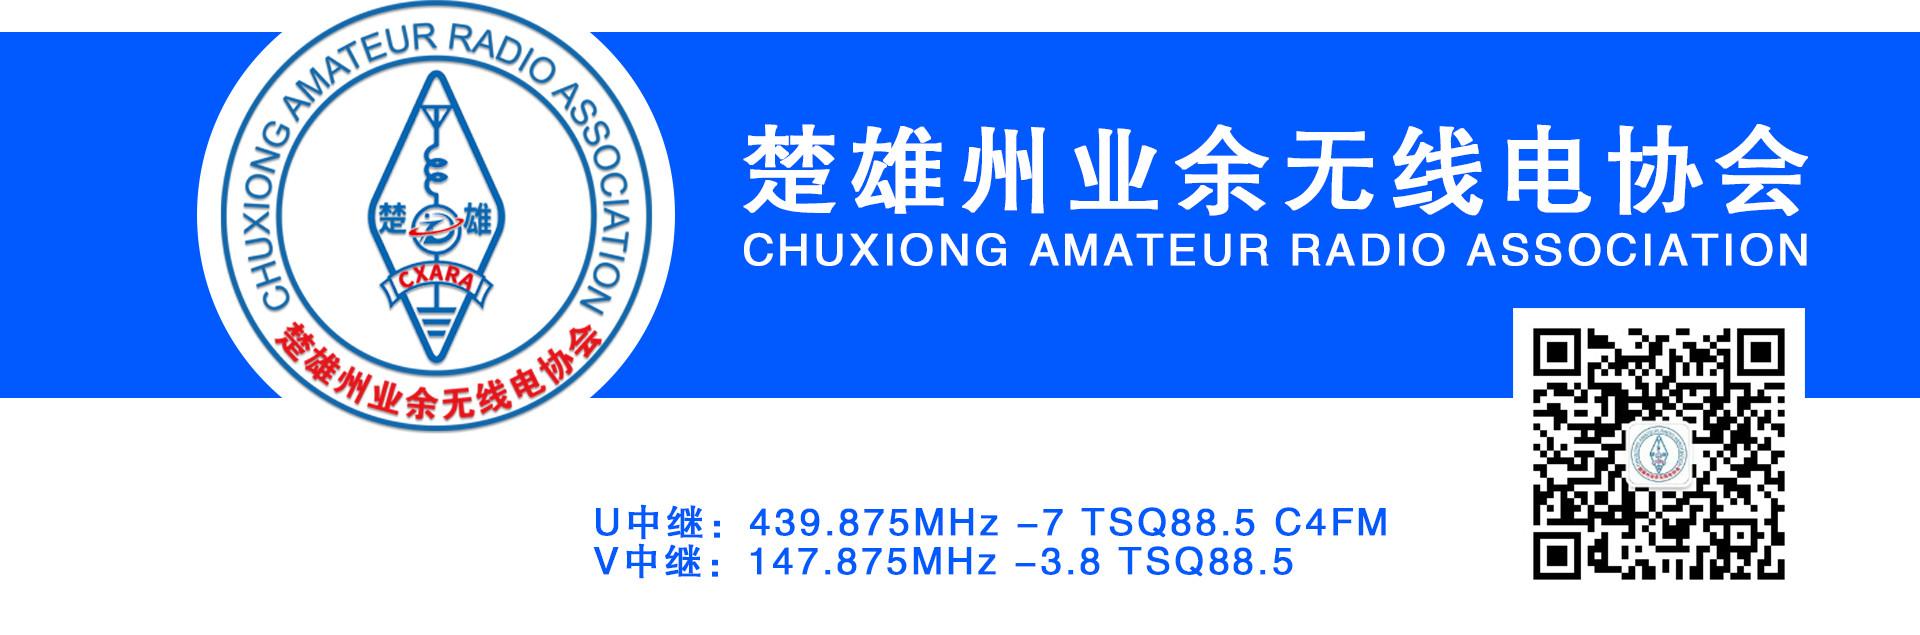 楚雄州业余无线电协会集体电台BY8SCX国庆日正式开台